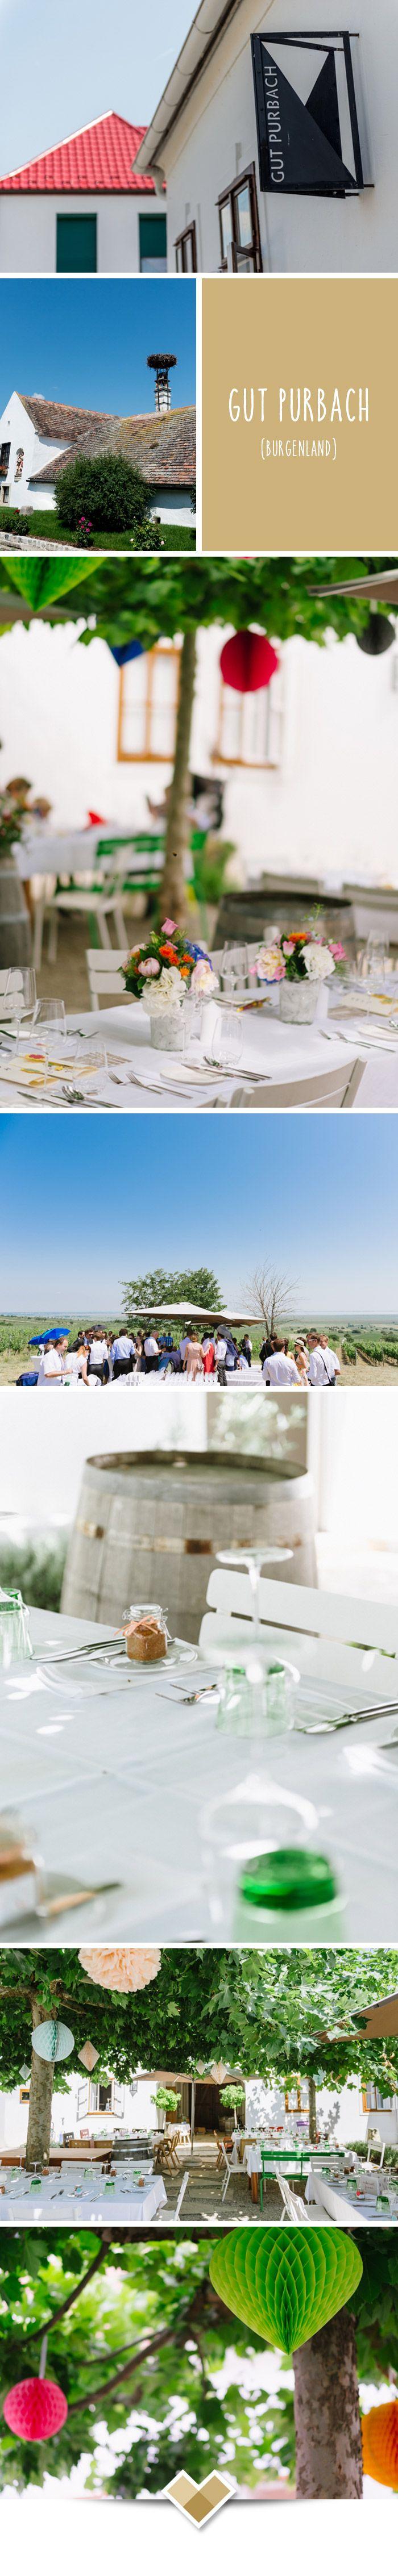 Das Gut Purbach bietet alles was man sich vorstellt, wenn man an Burgenland und den Neusiedlersee denkt. Störche, Wien, weites Land und Lebensfreude. Genau das wird auch bei jeder Hochzeit am gut zum Credo! Bilder: http://www.belleandsass.com/  Mehr Bilder dieser tollen Location gibt es unter http://hochzeits-location.info/hochzeitslocation/gut-purbach#Fotos